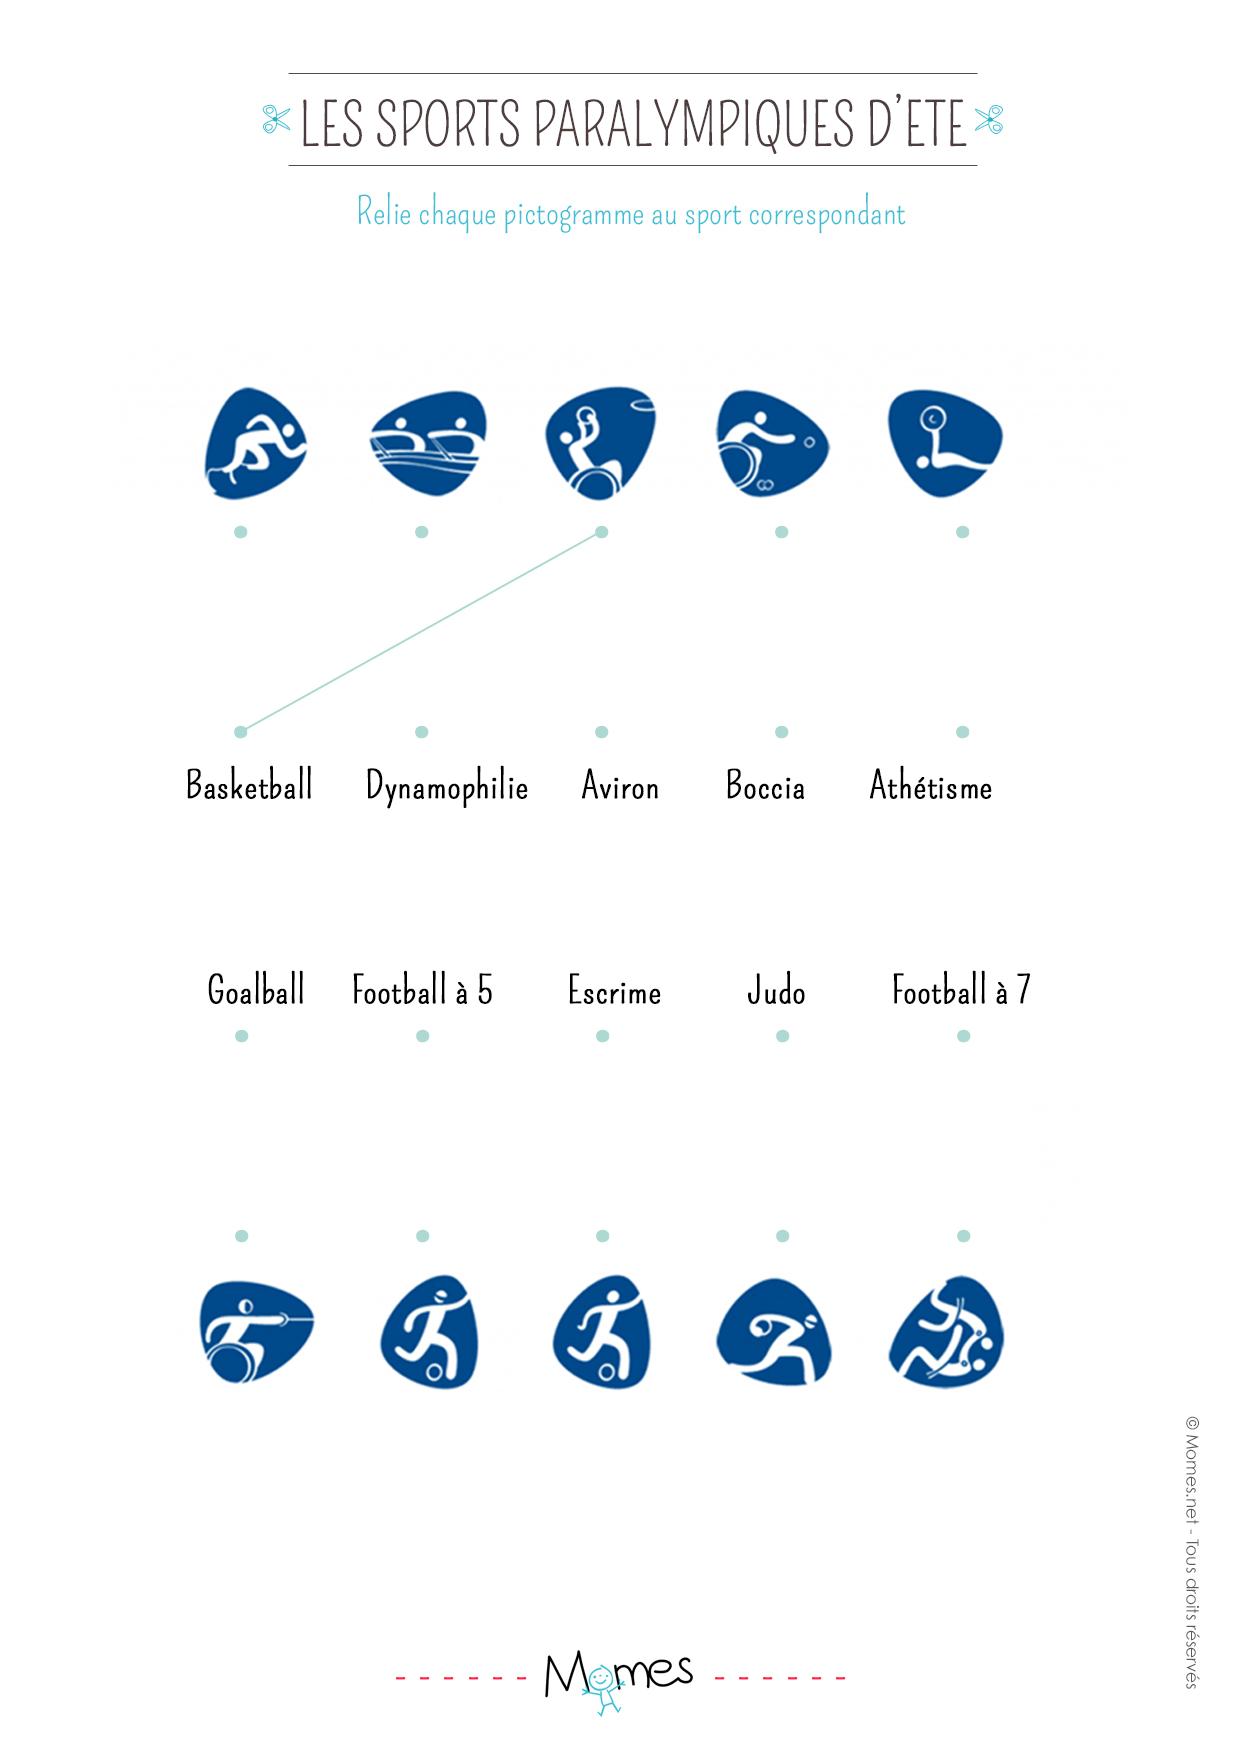 Le jeu des picto : les jeux paralympiques